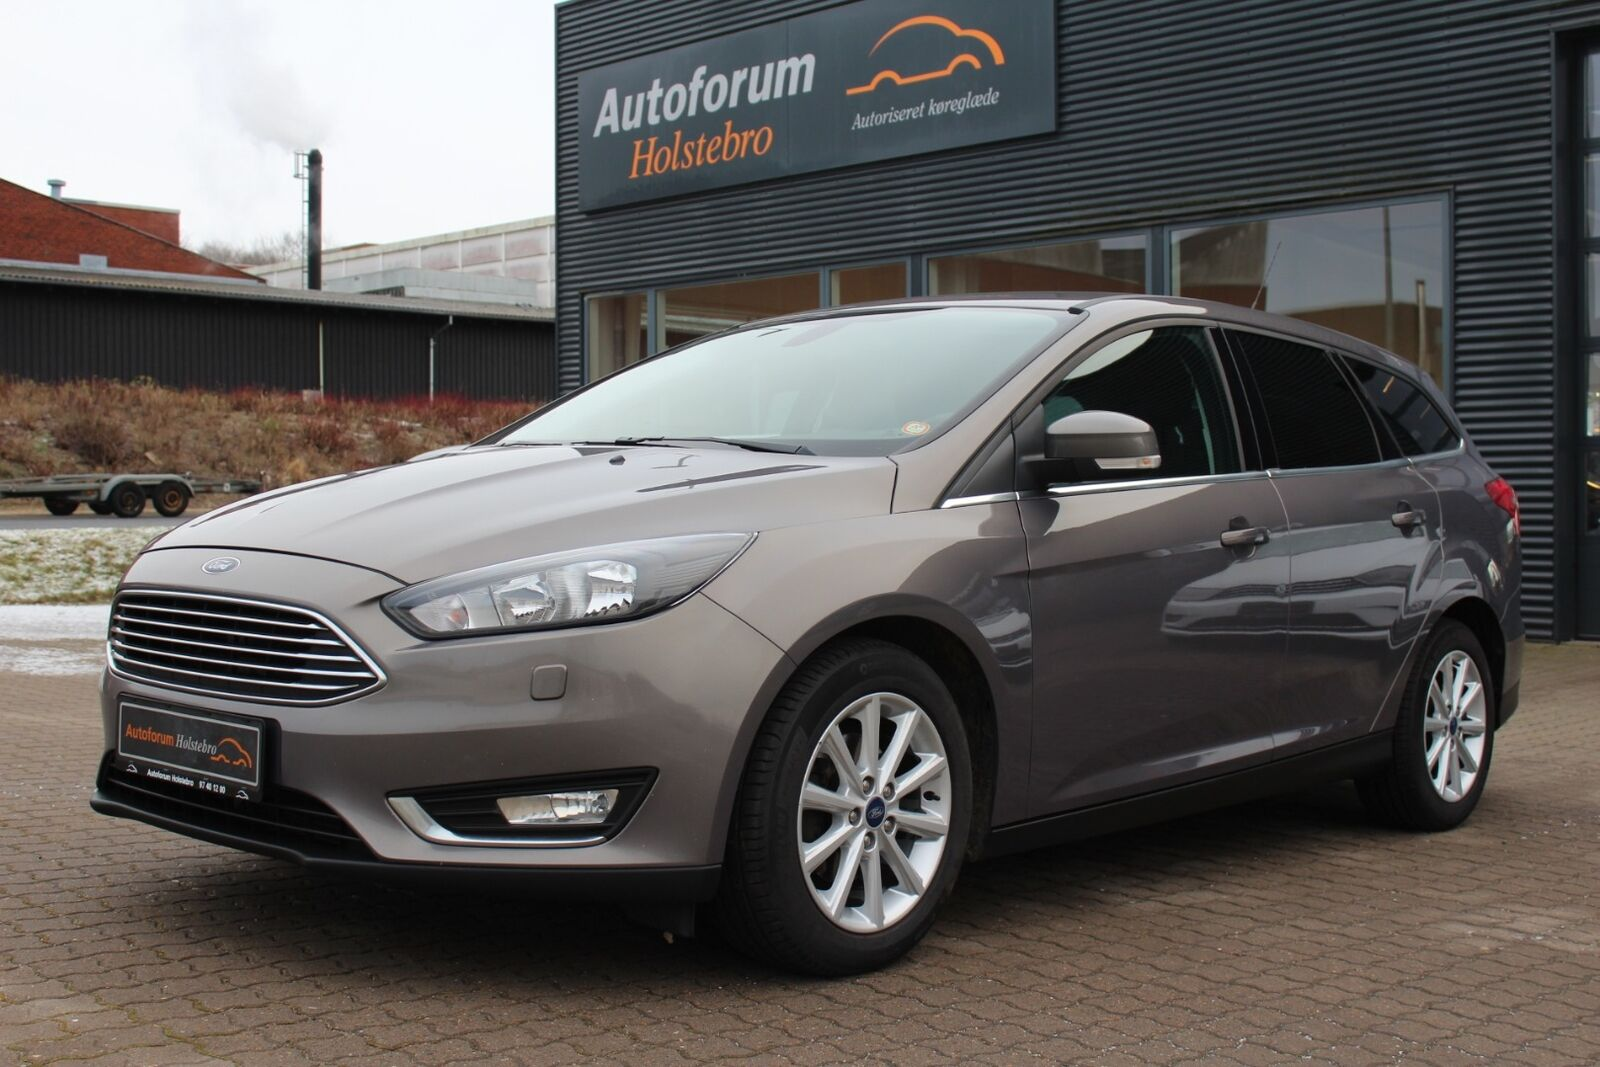 Ford Focus 1,5 TDCi 120 Titanium stc. aut. 5d - 137.800 kr.